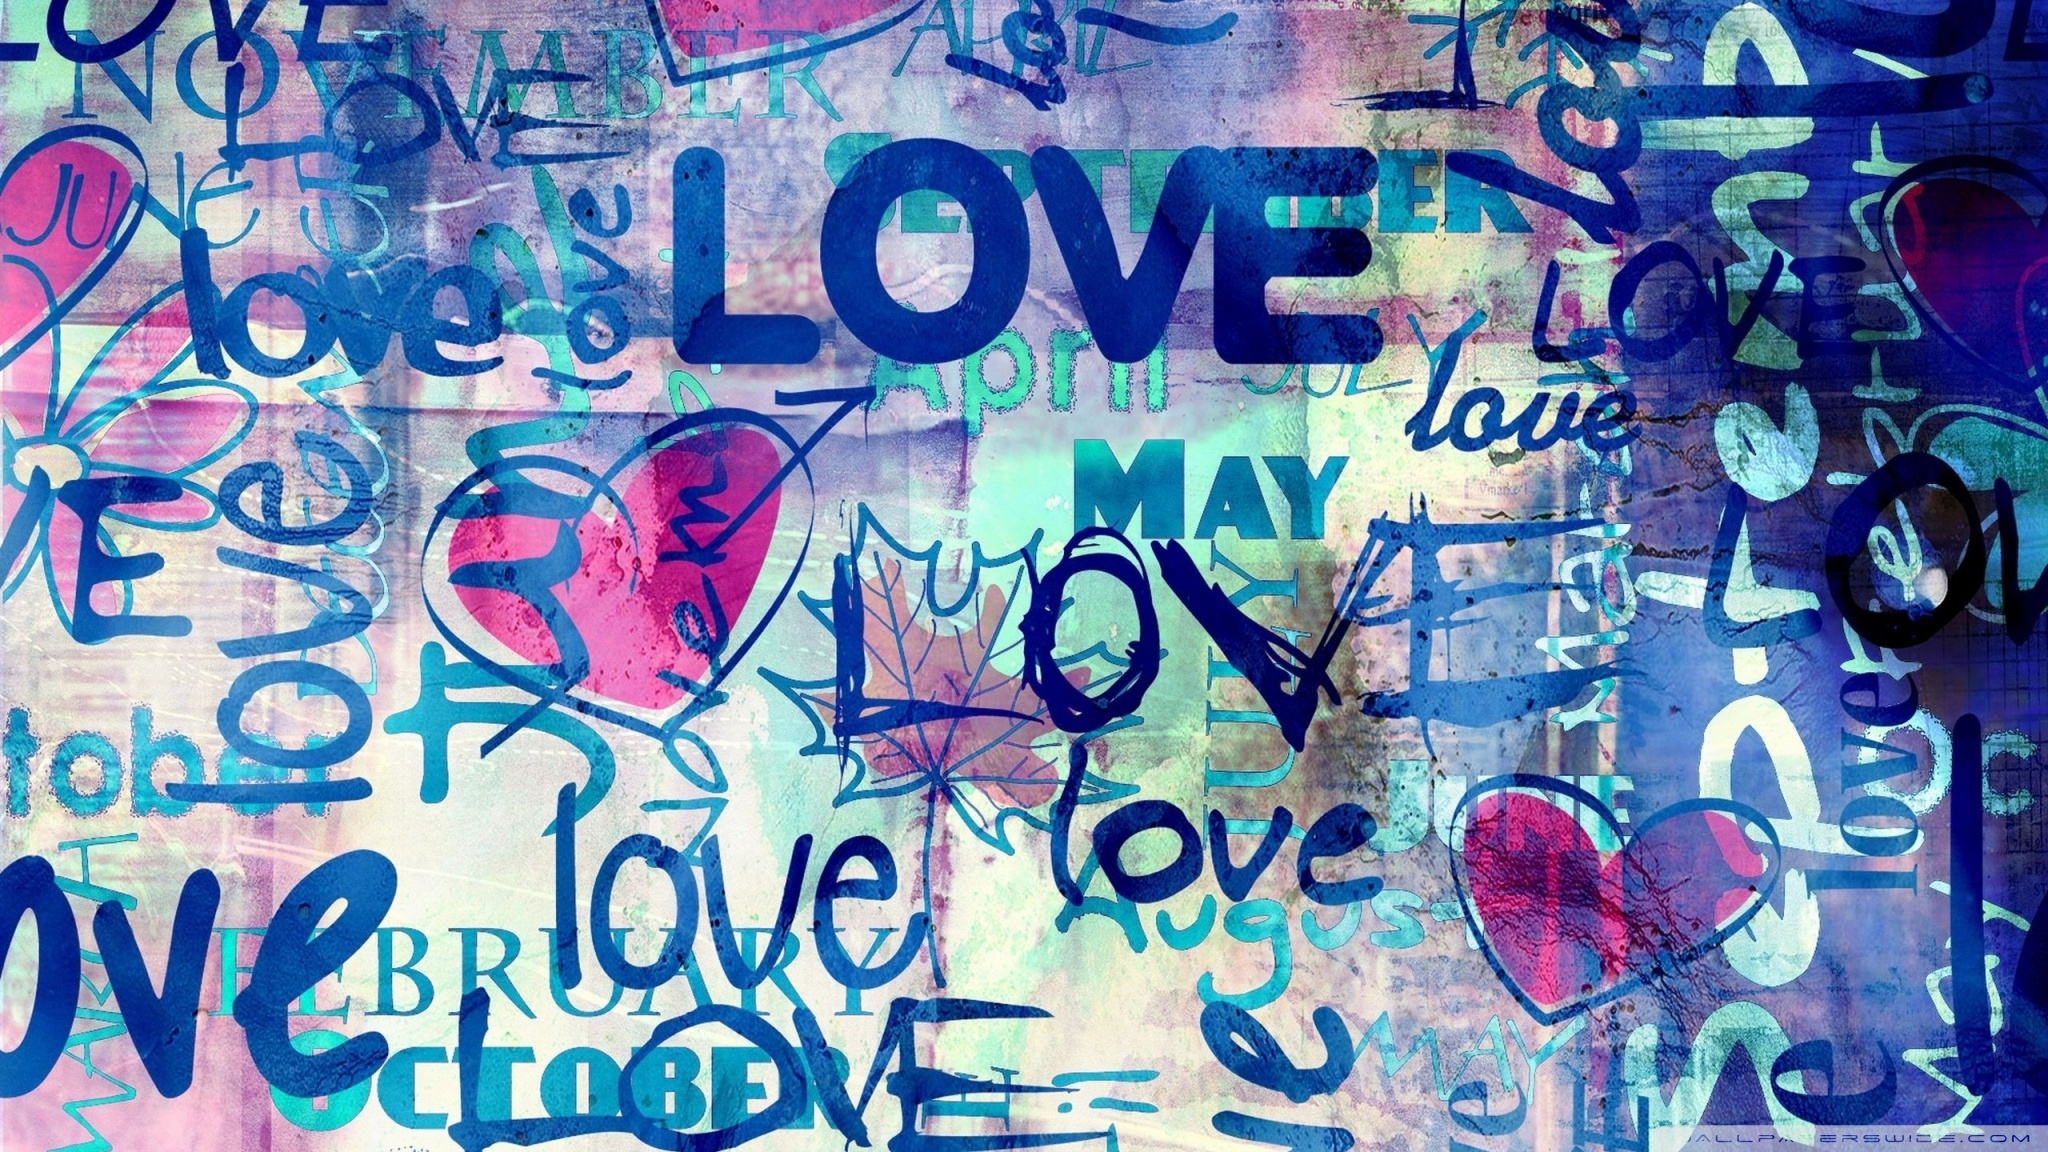 والپیپر های زیبا و باکیفیت love,love,love wallpaper,love background,عکس های عاشقانه و رمانتیک,عکس های عاشقانه,عکس عاشقانه,تصاویر عاشقانه,زیباترین عکس عاشقانه,عکس,کارت پستال مخصوص روز عشق,والپیپر های عاشقانه زیبا و باکیفیت,عکسهای عاشقانه,عکس love,عاشقانه,عکس عشق,عاشقانه ها,love pictures